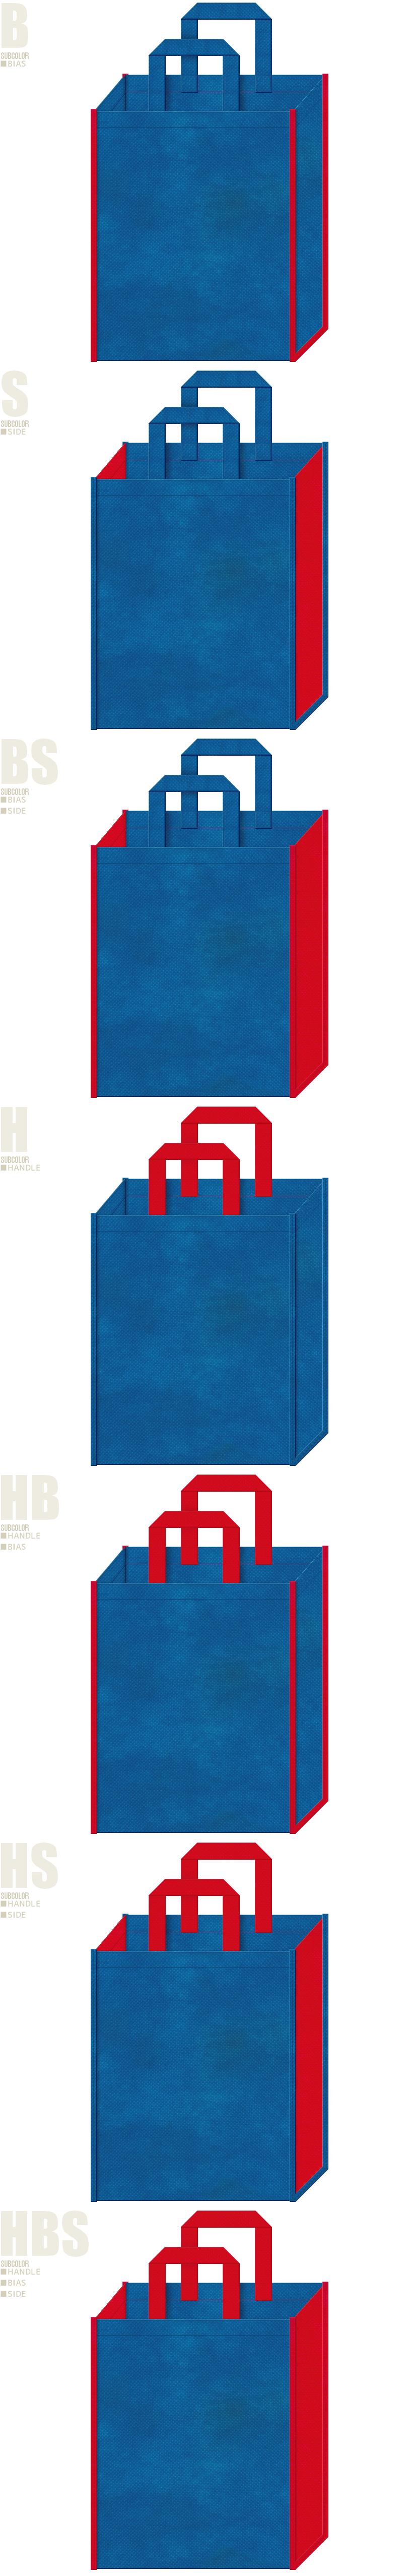 おもちゃ・テーマパーク・ロボット・ラジコン・プラモデル・ホビーの展示会用バッグにお奨めの不織布バッグデザイン:青色と紅色の不織布バッグ配色7パターン。